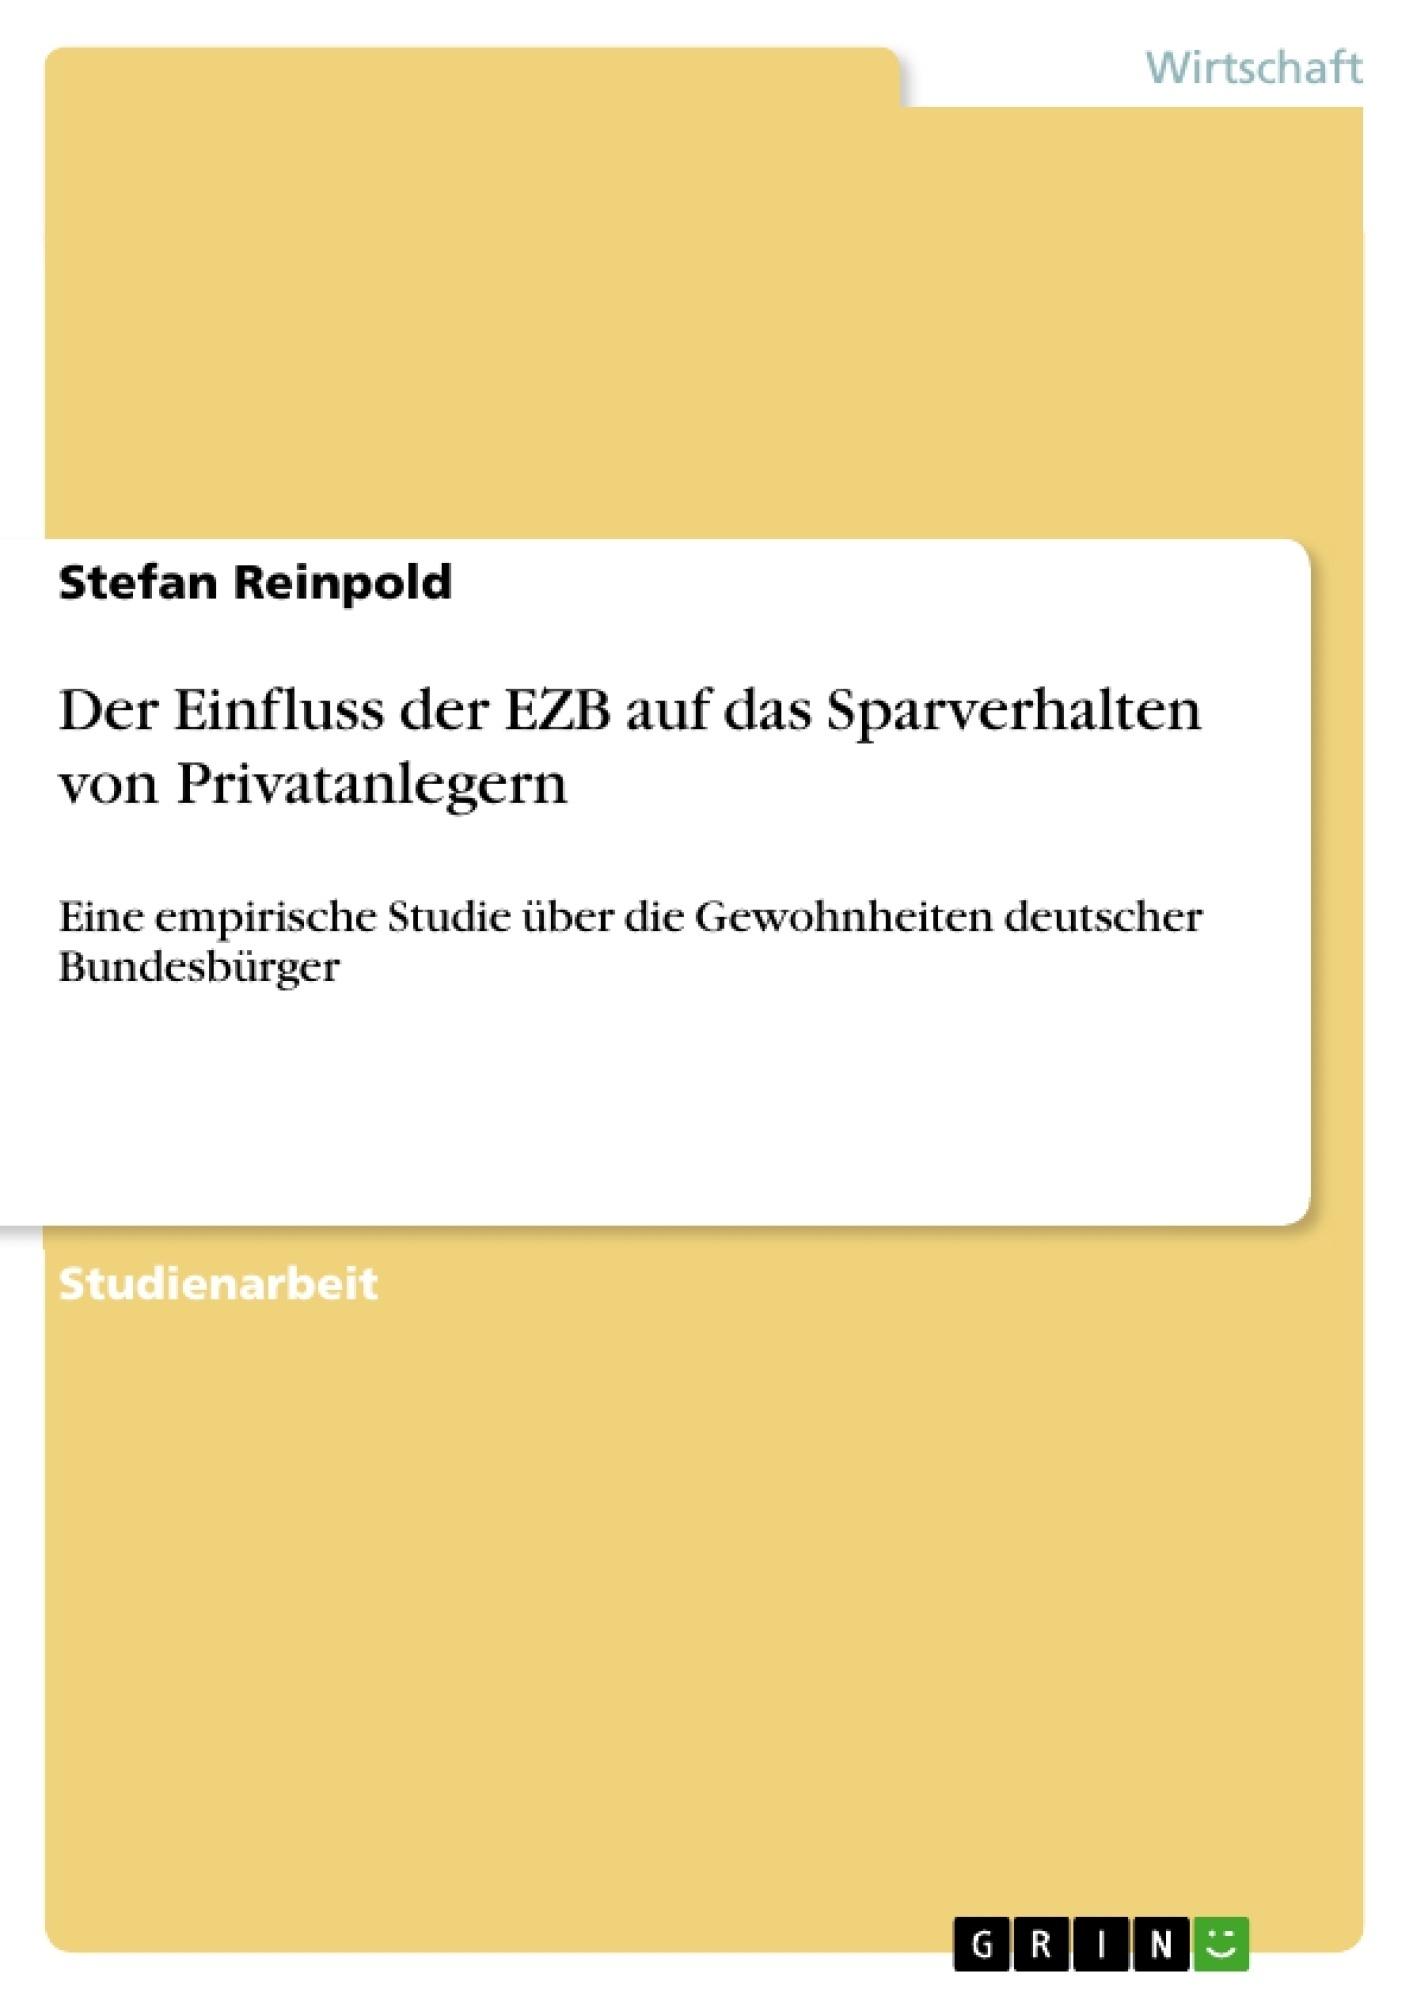 Der Einfluss der Europäischen Zentralbank auf das Sparverhalten von Privatanlegern Eine empirische Studie über die Gewohnheiten deutscher Bundesbürger